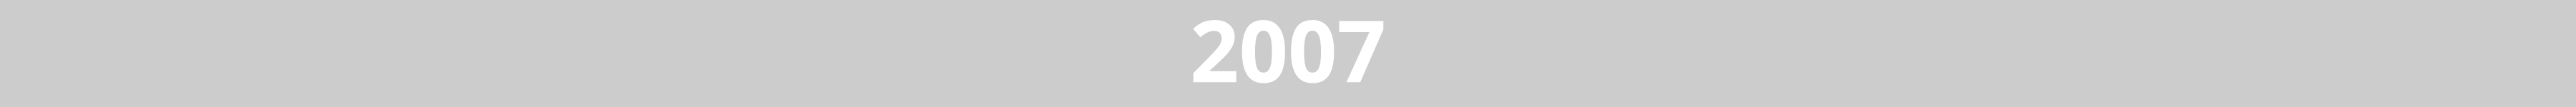 awards2007.jpg